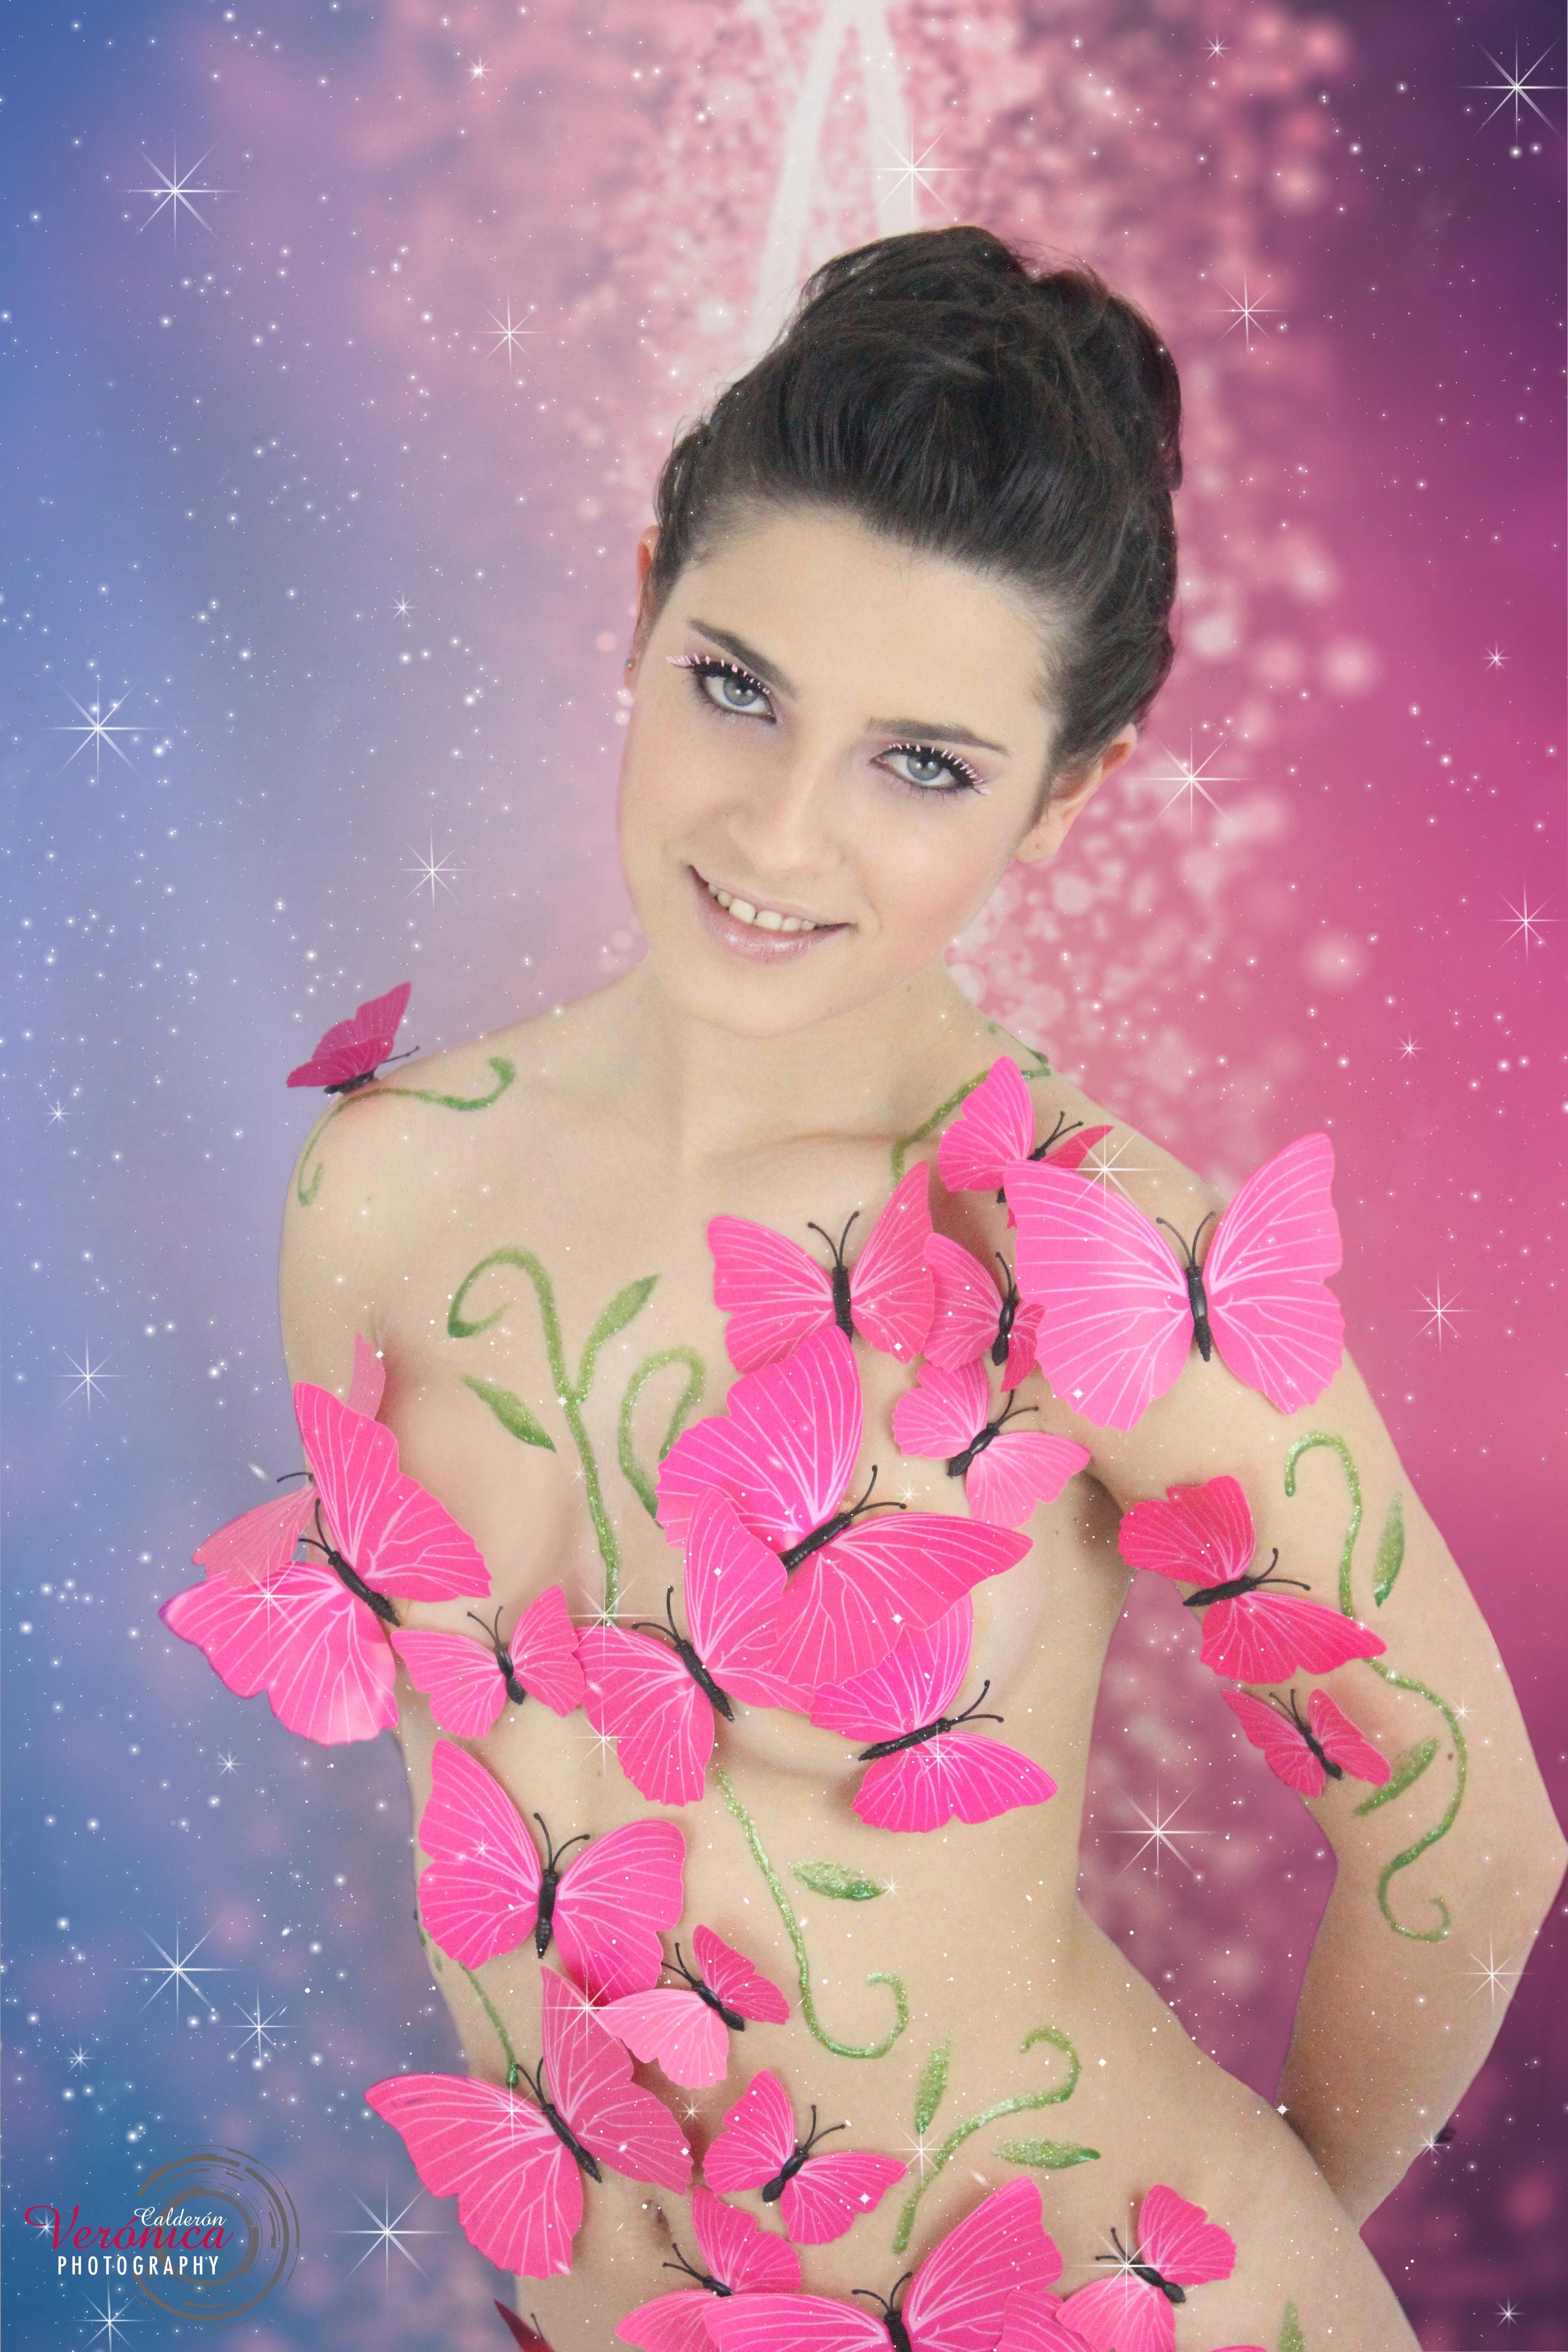 maquillaje caracterización mariposas rosas fondo fantasía